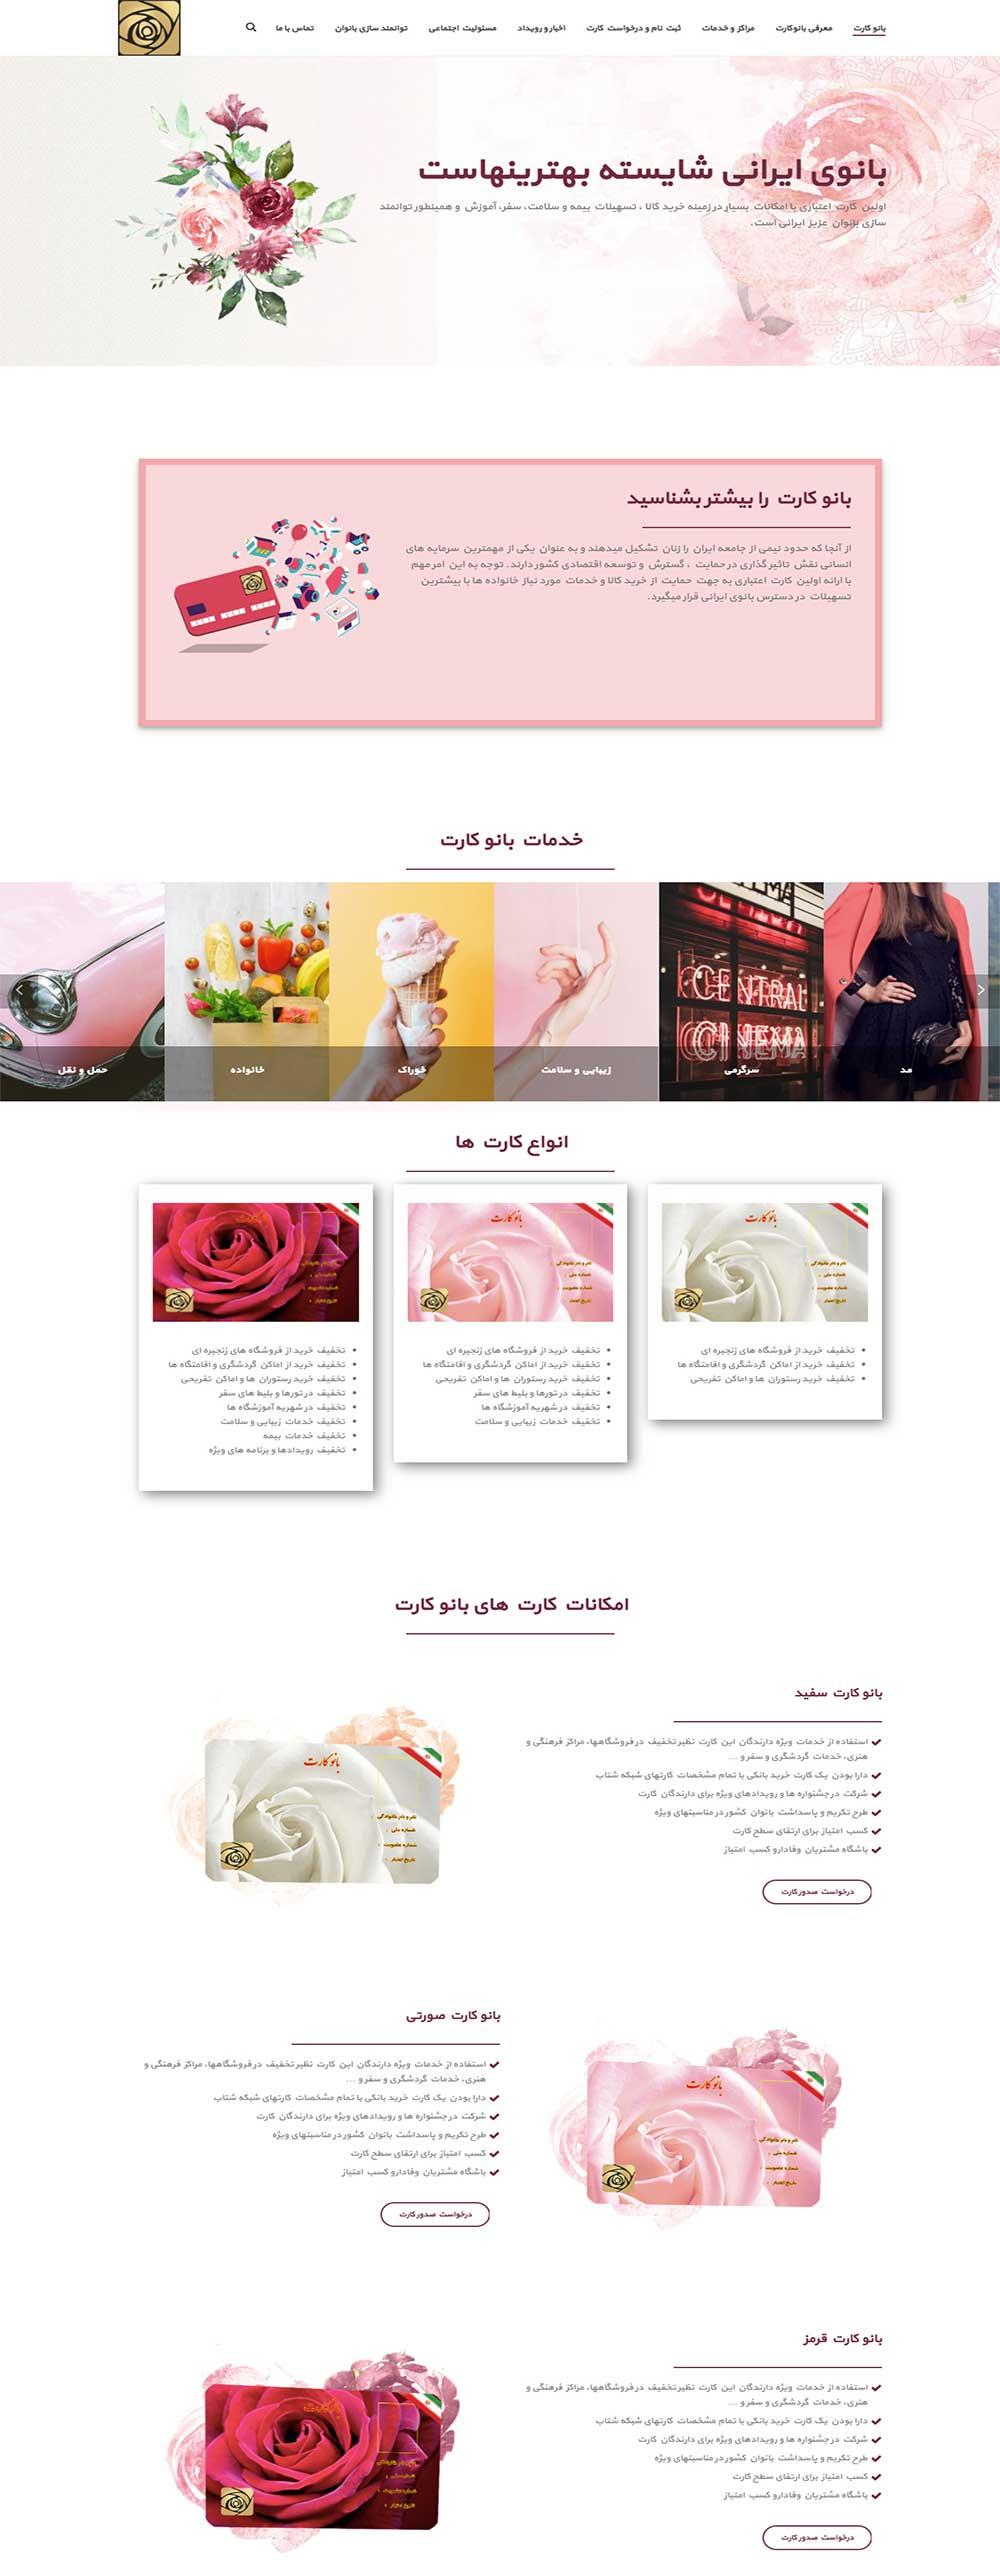 طراحی سایت انجمن